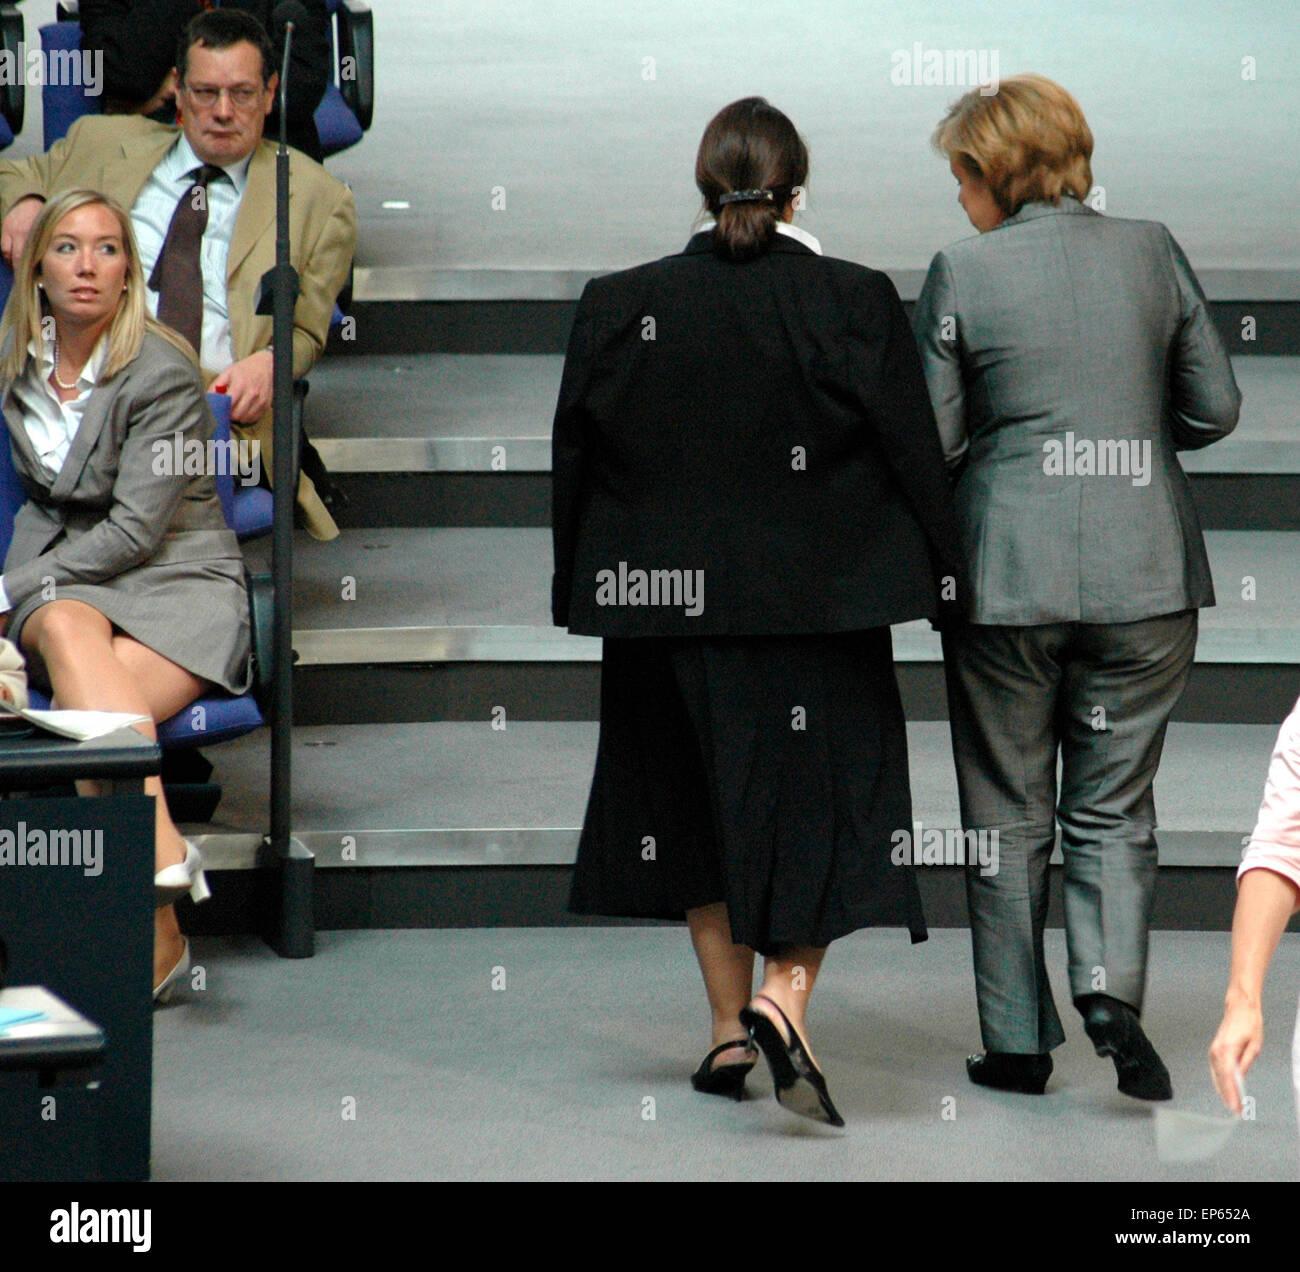 Bundeskanzlerin Angela Merkel u.a.  - Sitzung im Bundestag am 29. Juni 2006, Reichstagsgebaeude, Berlin-Tiergarten. Stock Photo